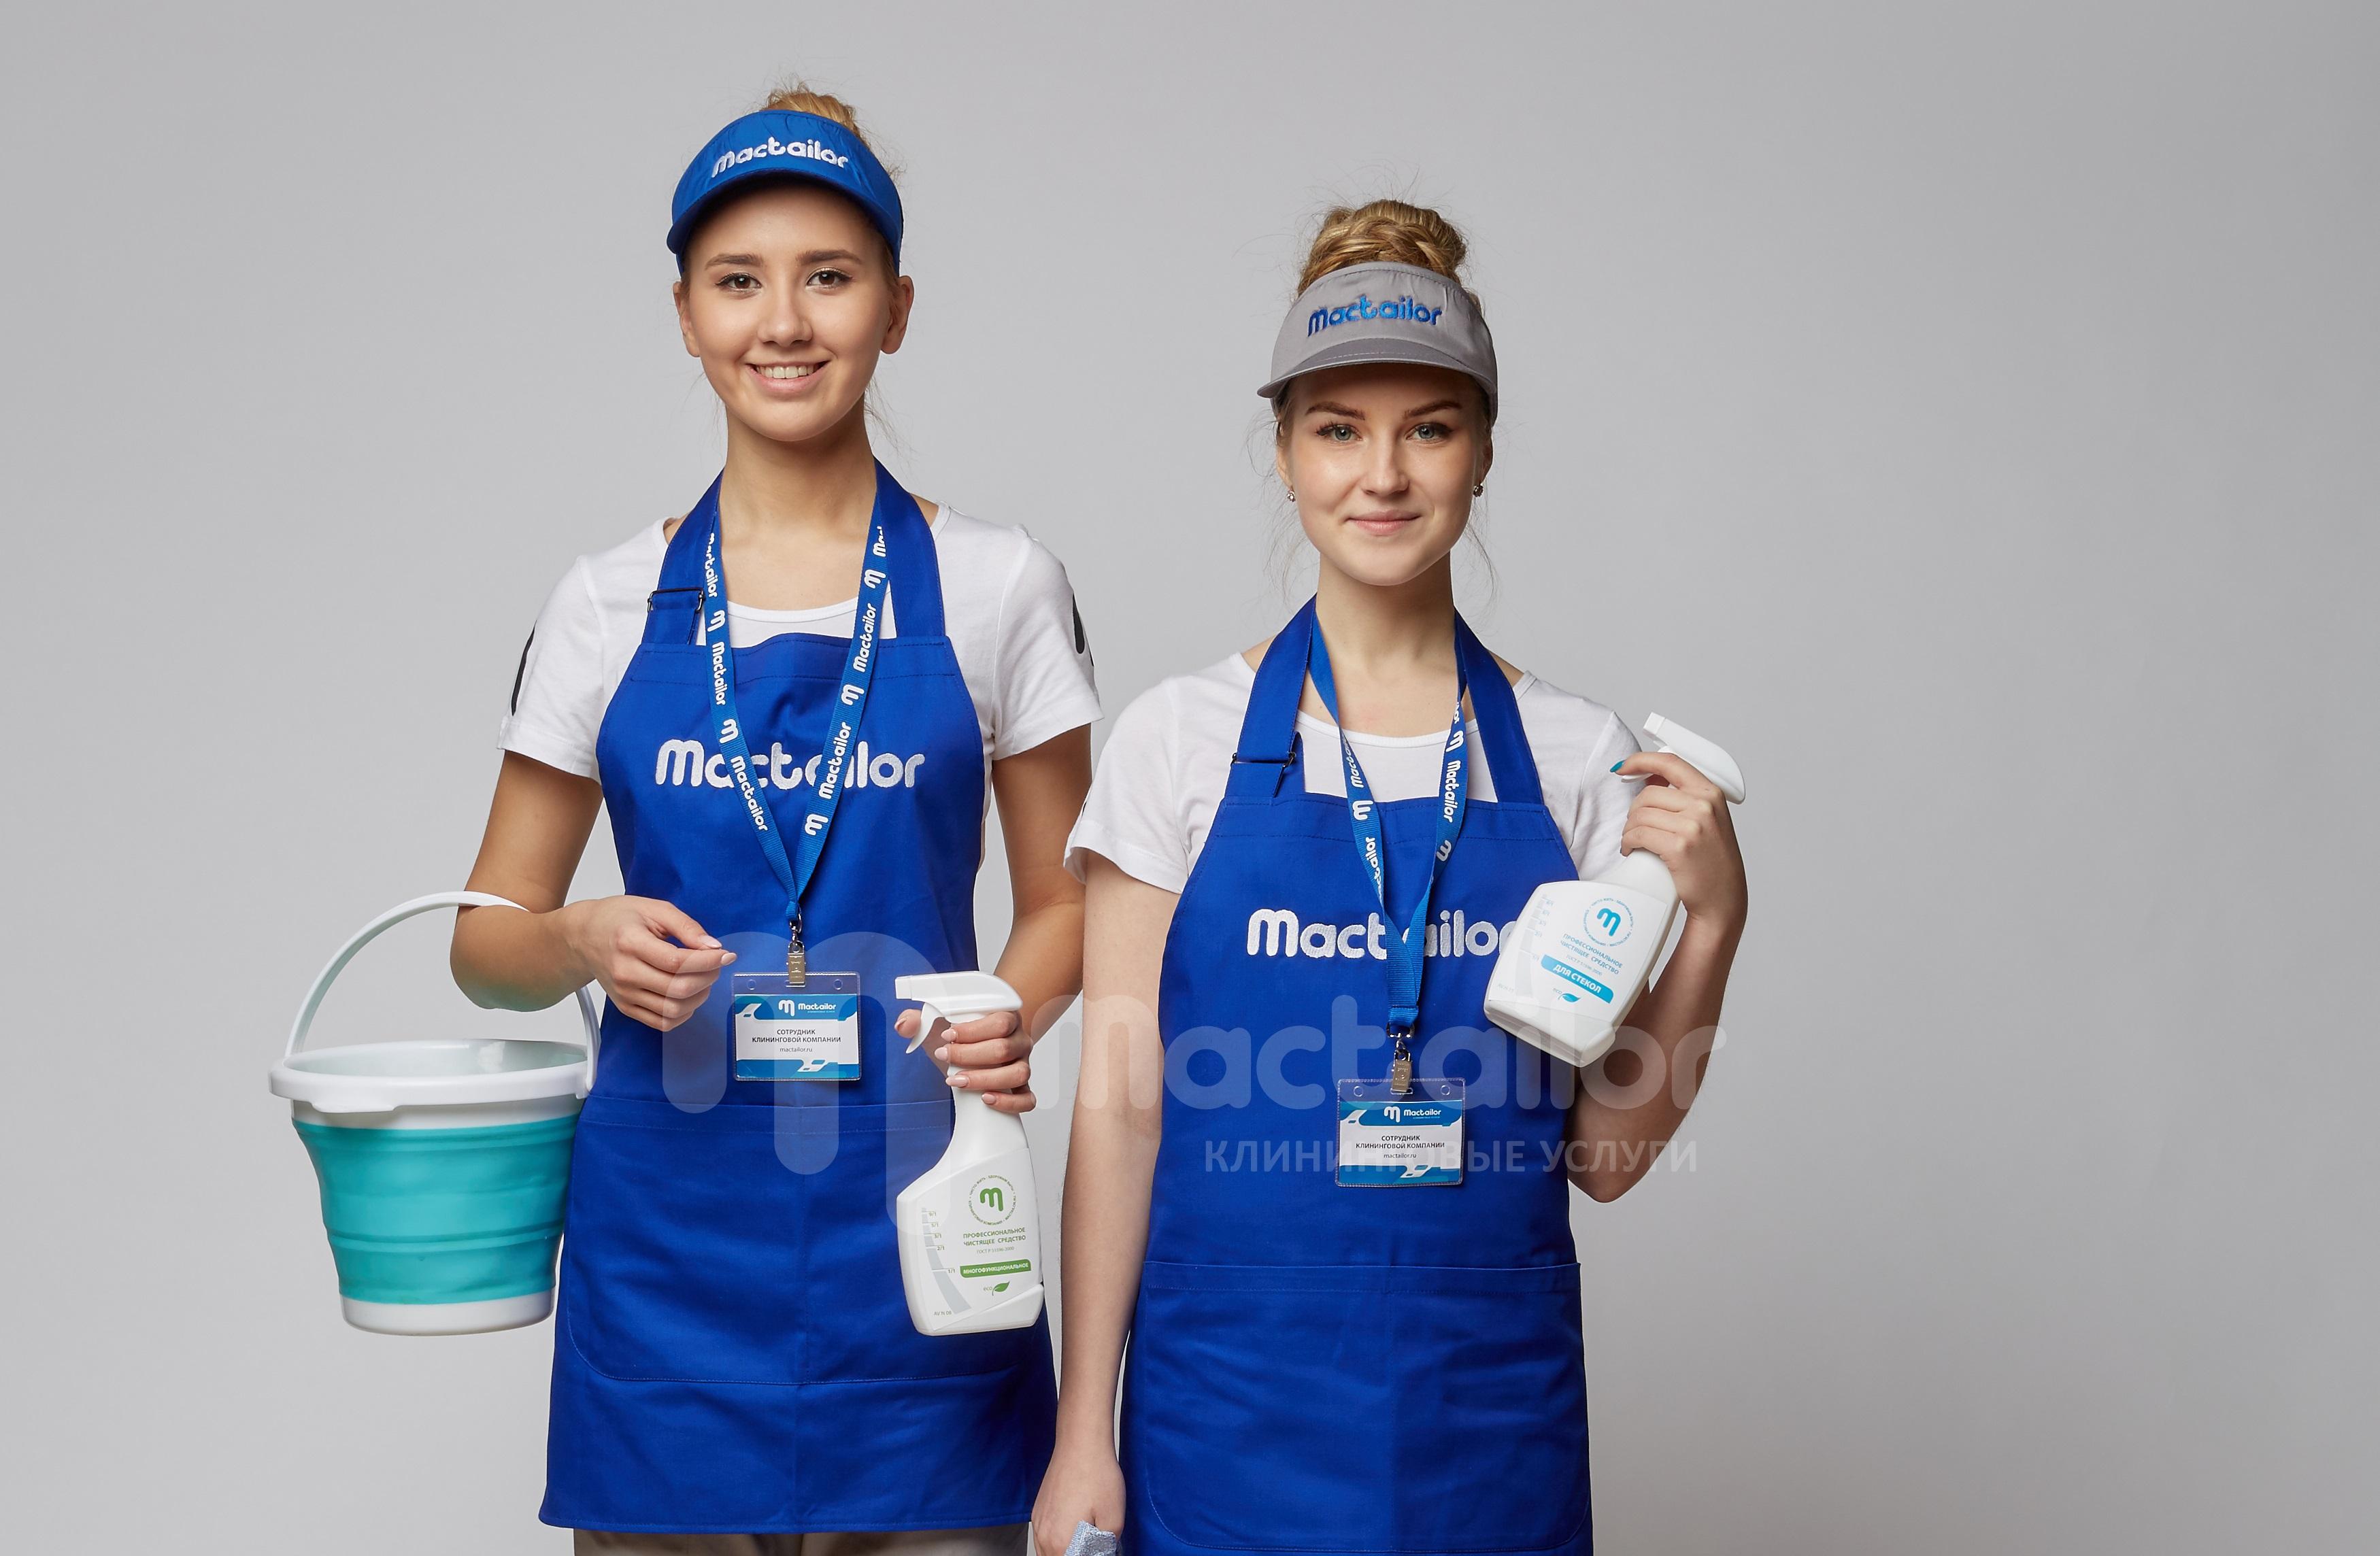 «Mactailor»: полный спектр клининговых услуг в Москве